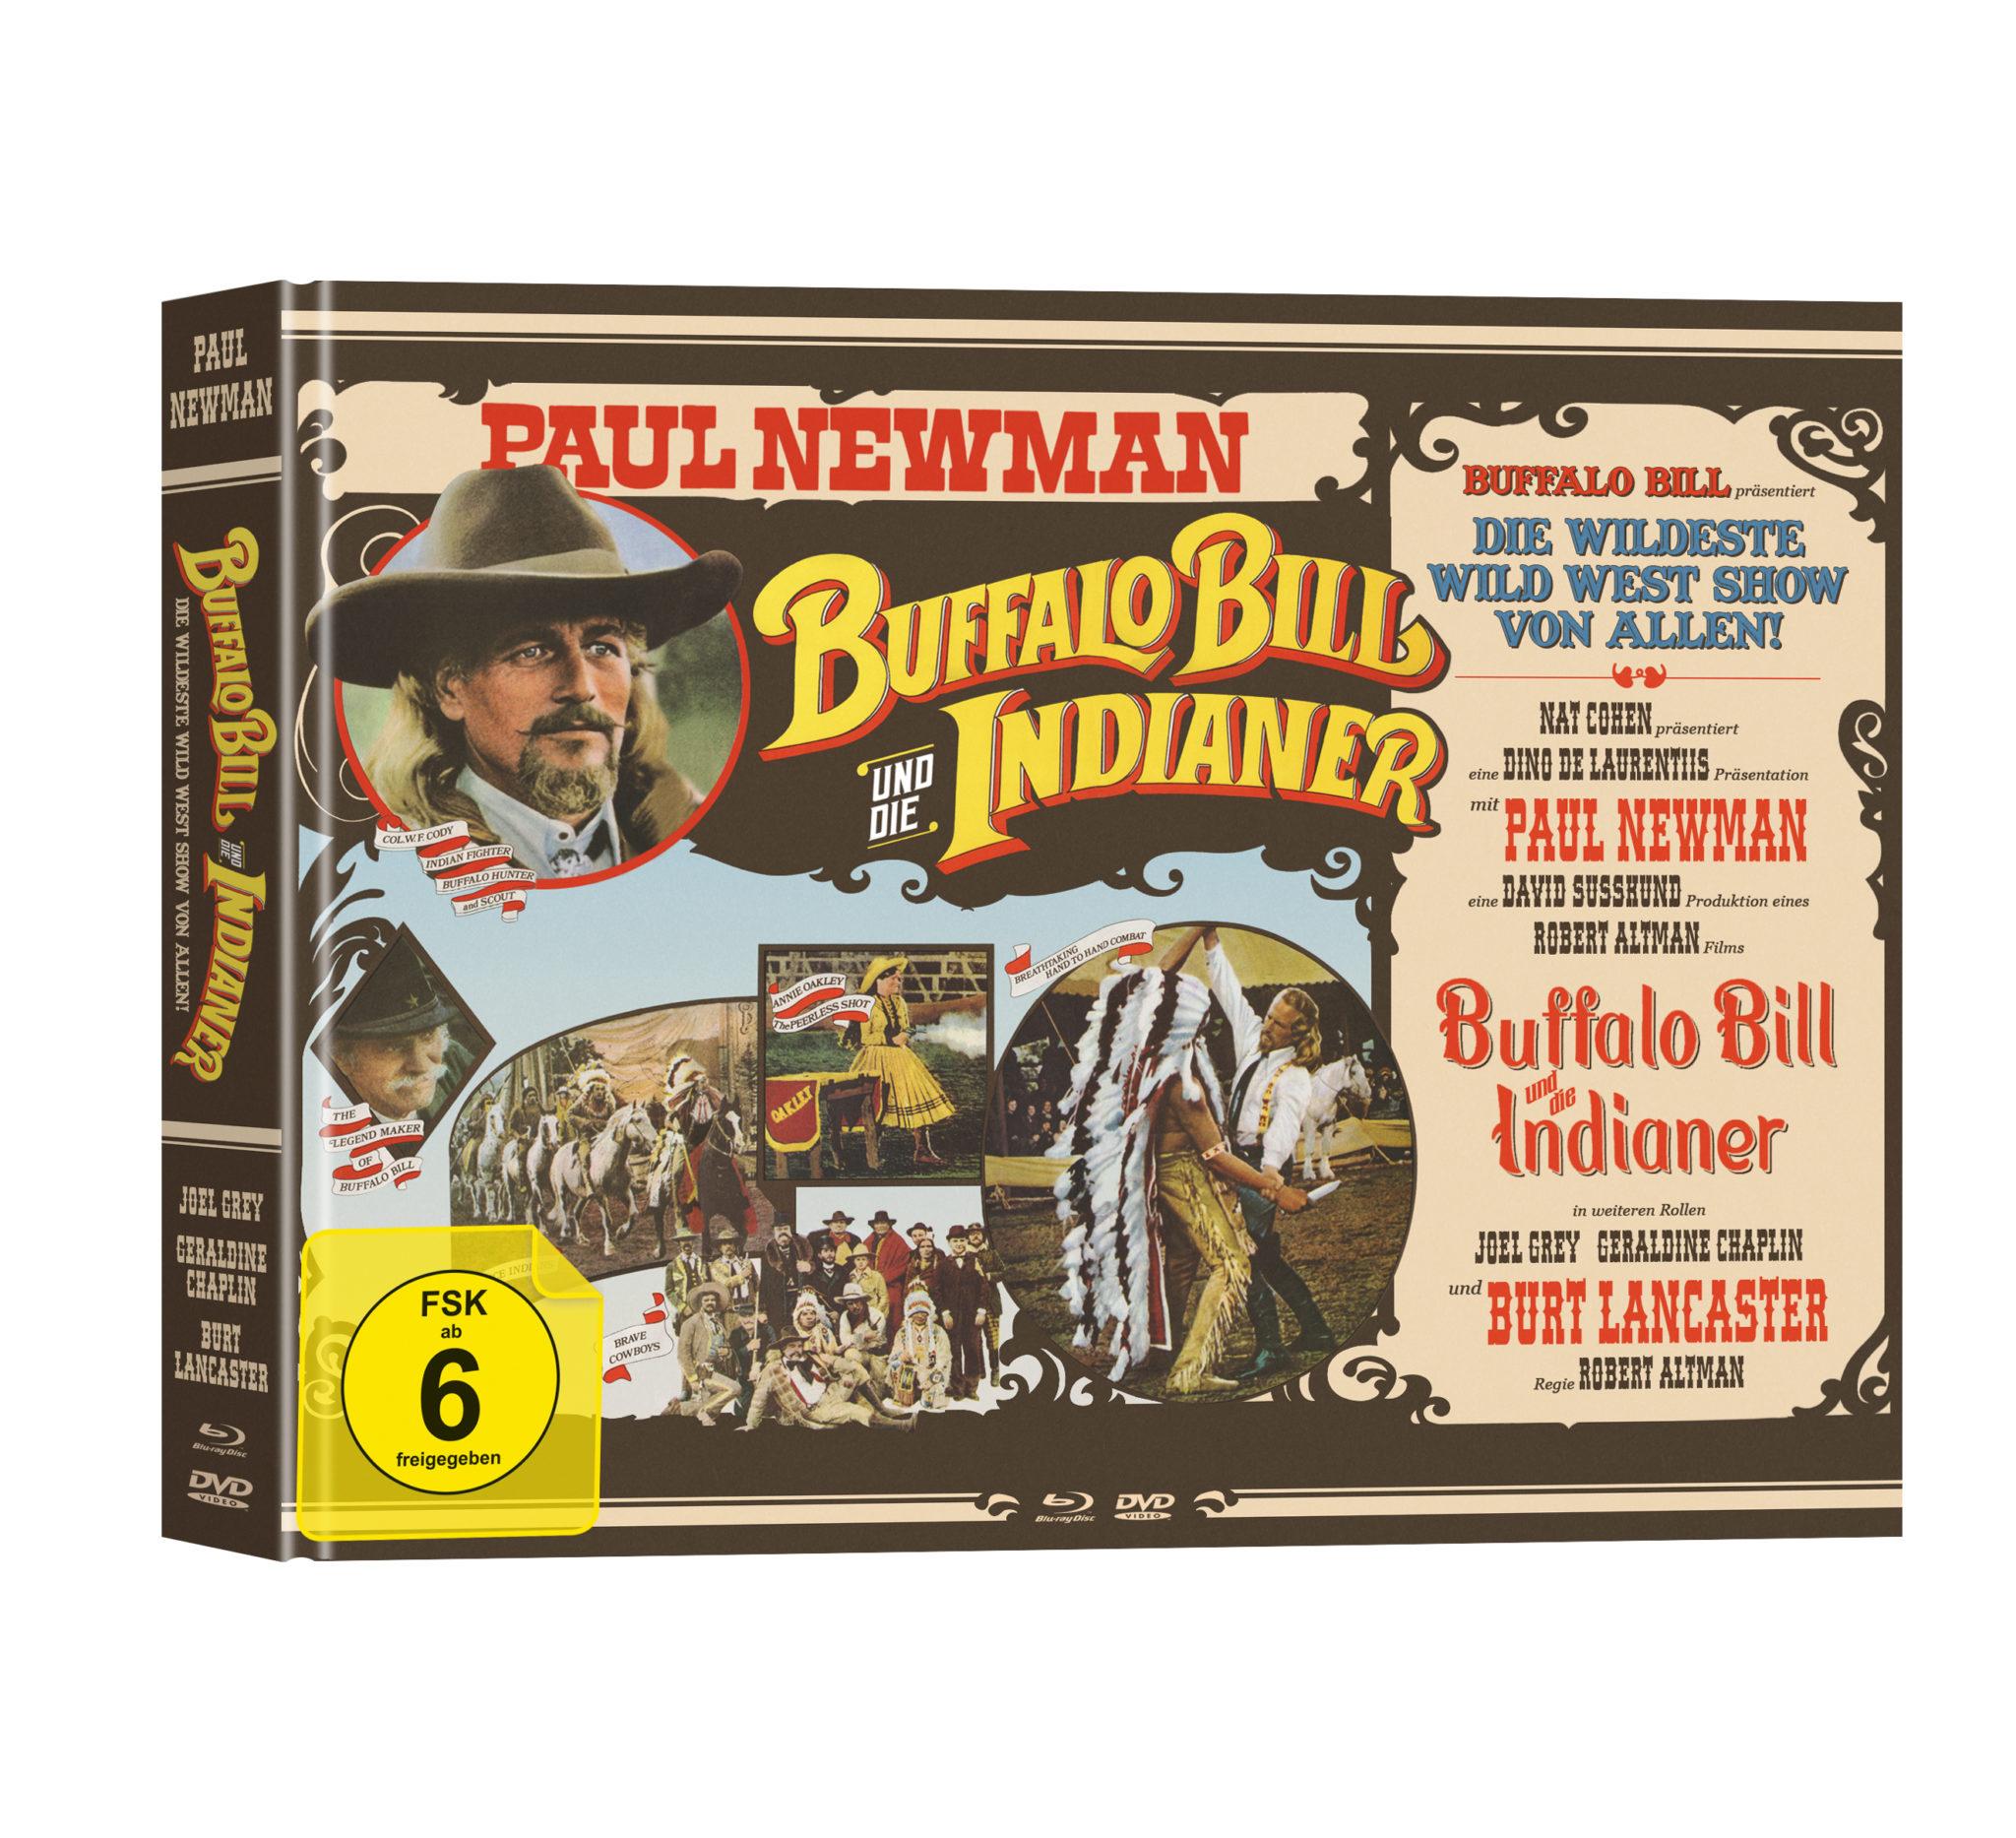 Das braun-beige Cover des Mediabooks zu Buffalo Bill und die Indianer ist ungewöhnlicherweise im Querformat. Es listet einige Beteiligte in Western-typischer Schriftart auf und zeigt ein paar Szenenbilder aus dem Film.